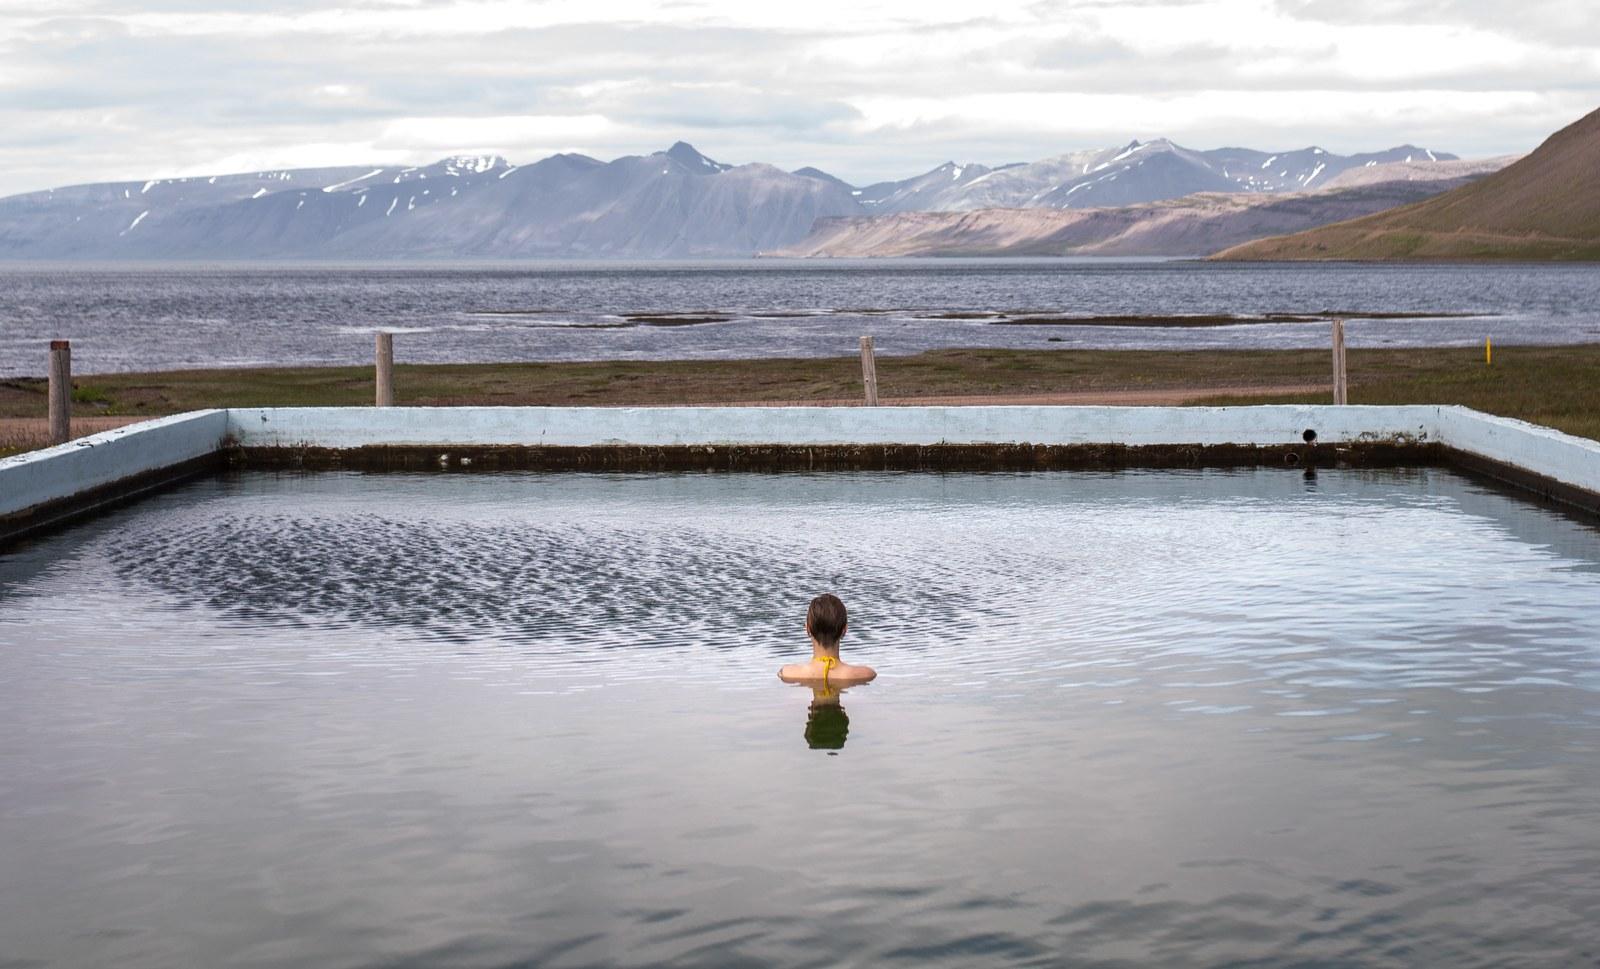 piscine de reykjafj r ur fjords du nord ouest en islande. Black Bedroom Furniture Sets. Home Design Ideas